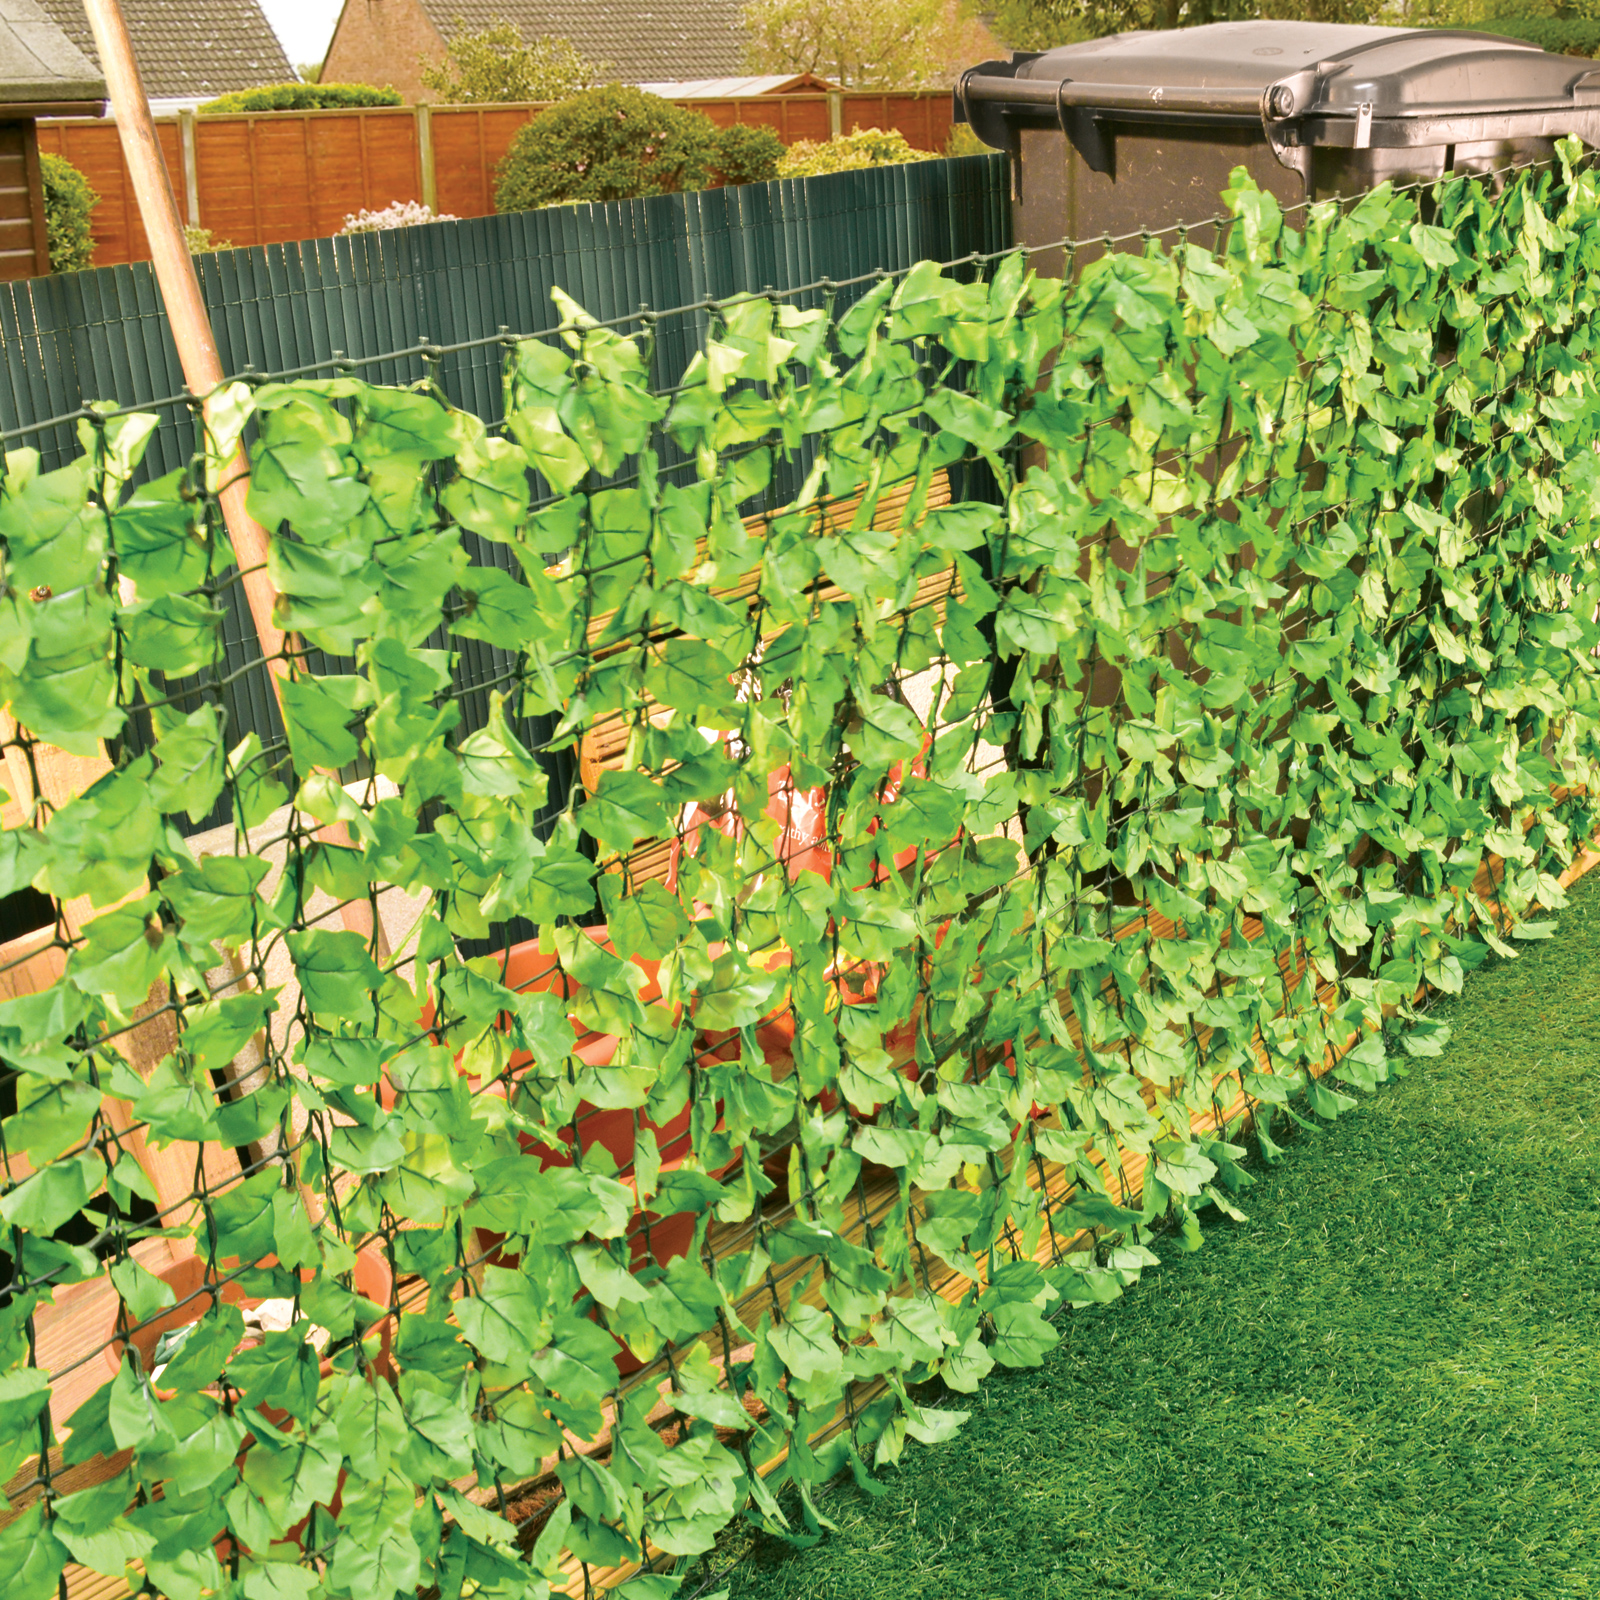 3 Metre Leaf Fence Barrier Garden Divider Decoration Screening Leaves 3m X  1m